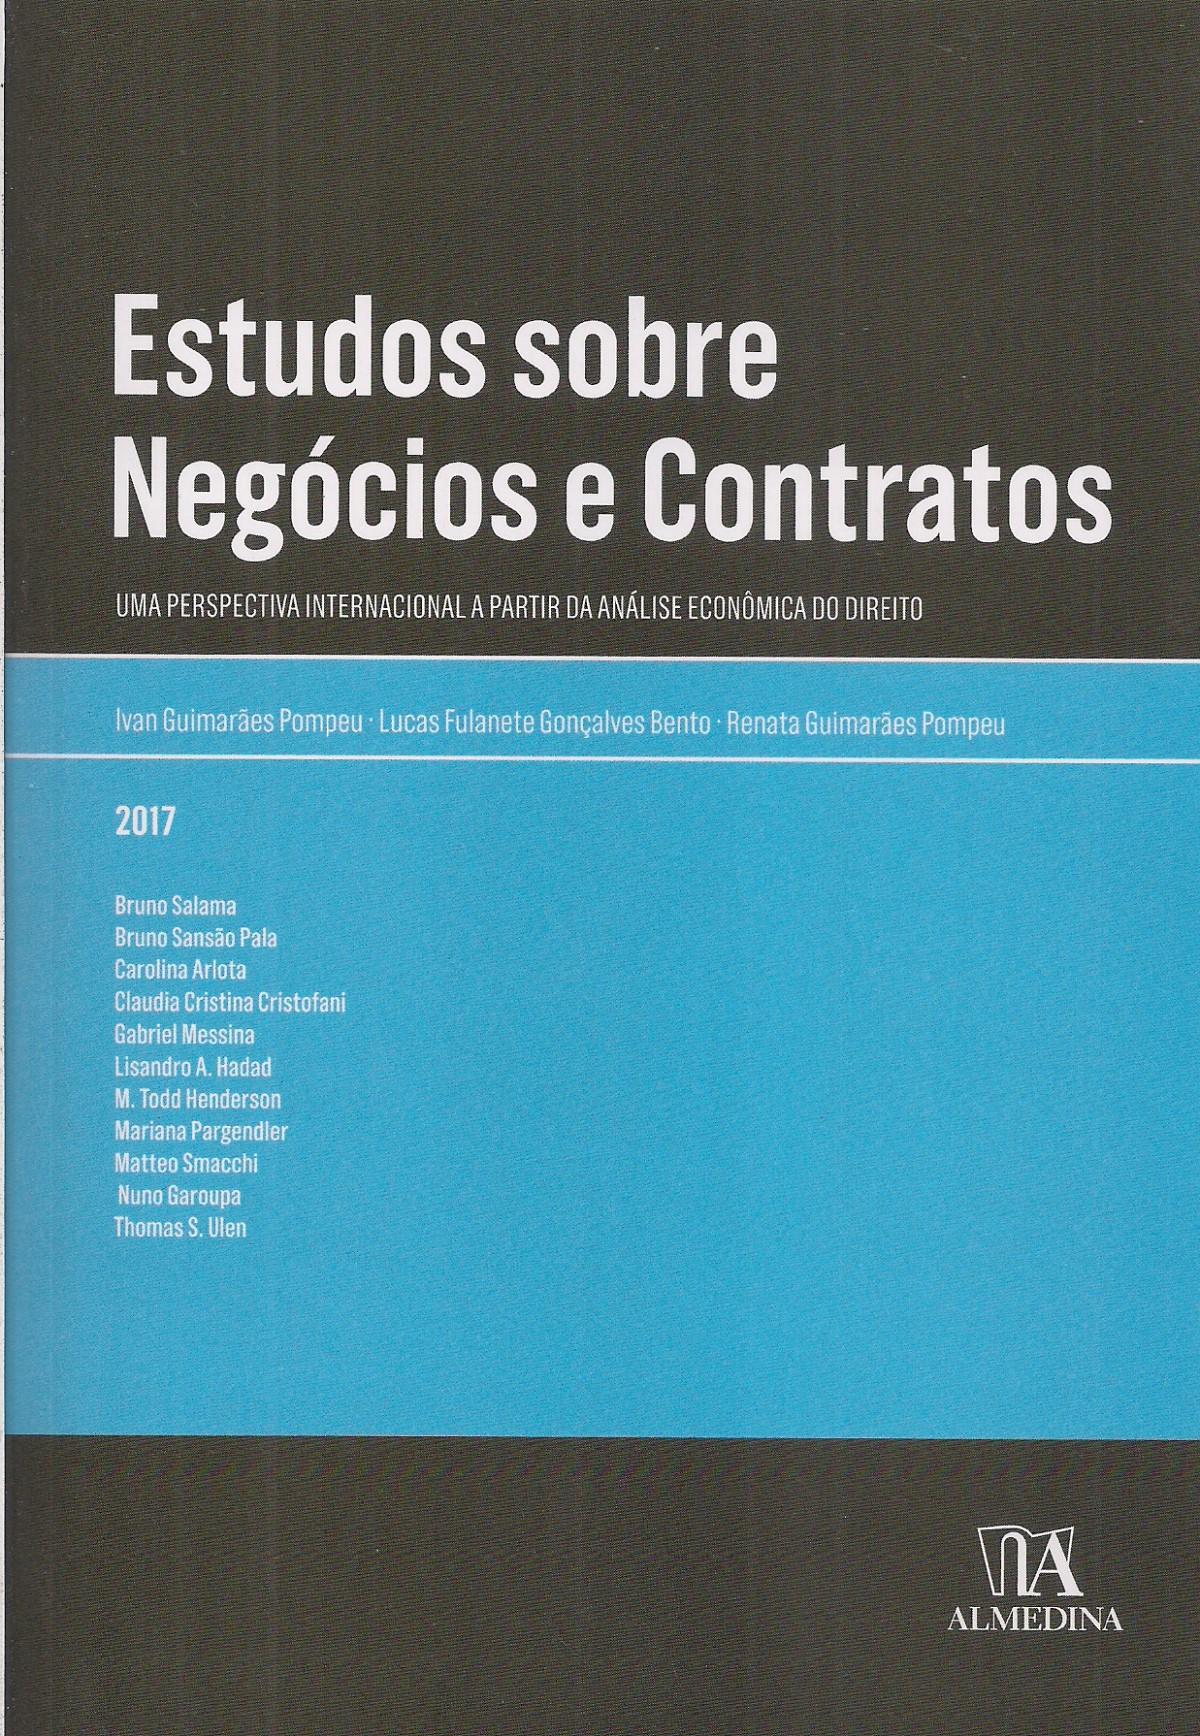 Foto 1 - Estudos sobre Negócios e Contratos - Uma perspectiva internacional a partir da análise econômica do